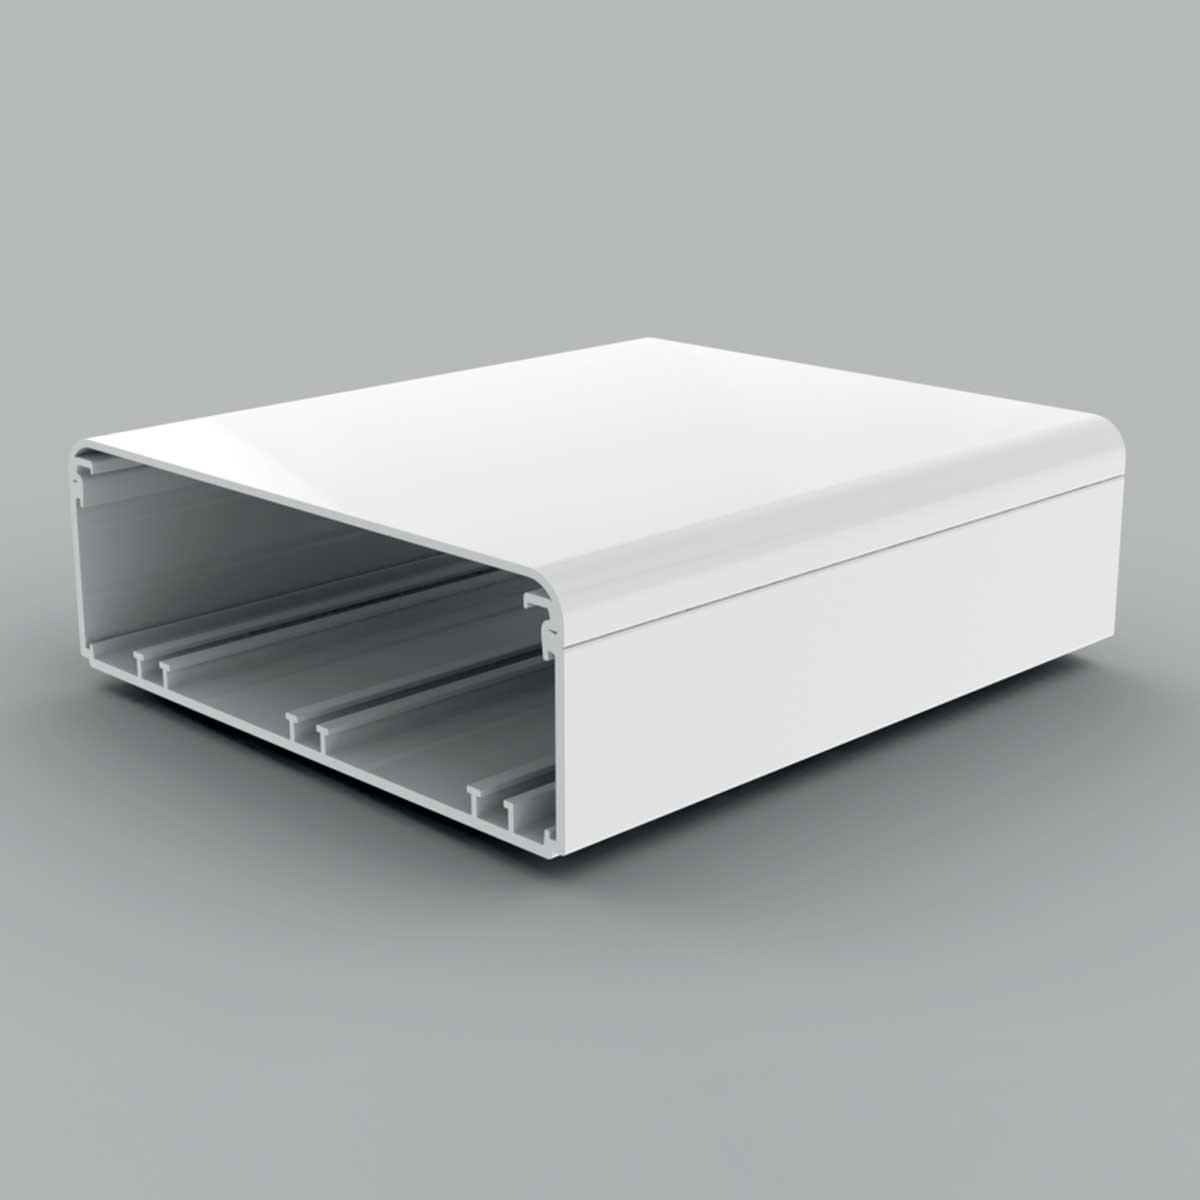 Кабельний канал білого кольору  180х60мм; Серія EKЕ; ПВХ